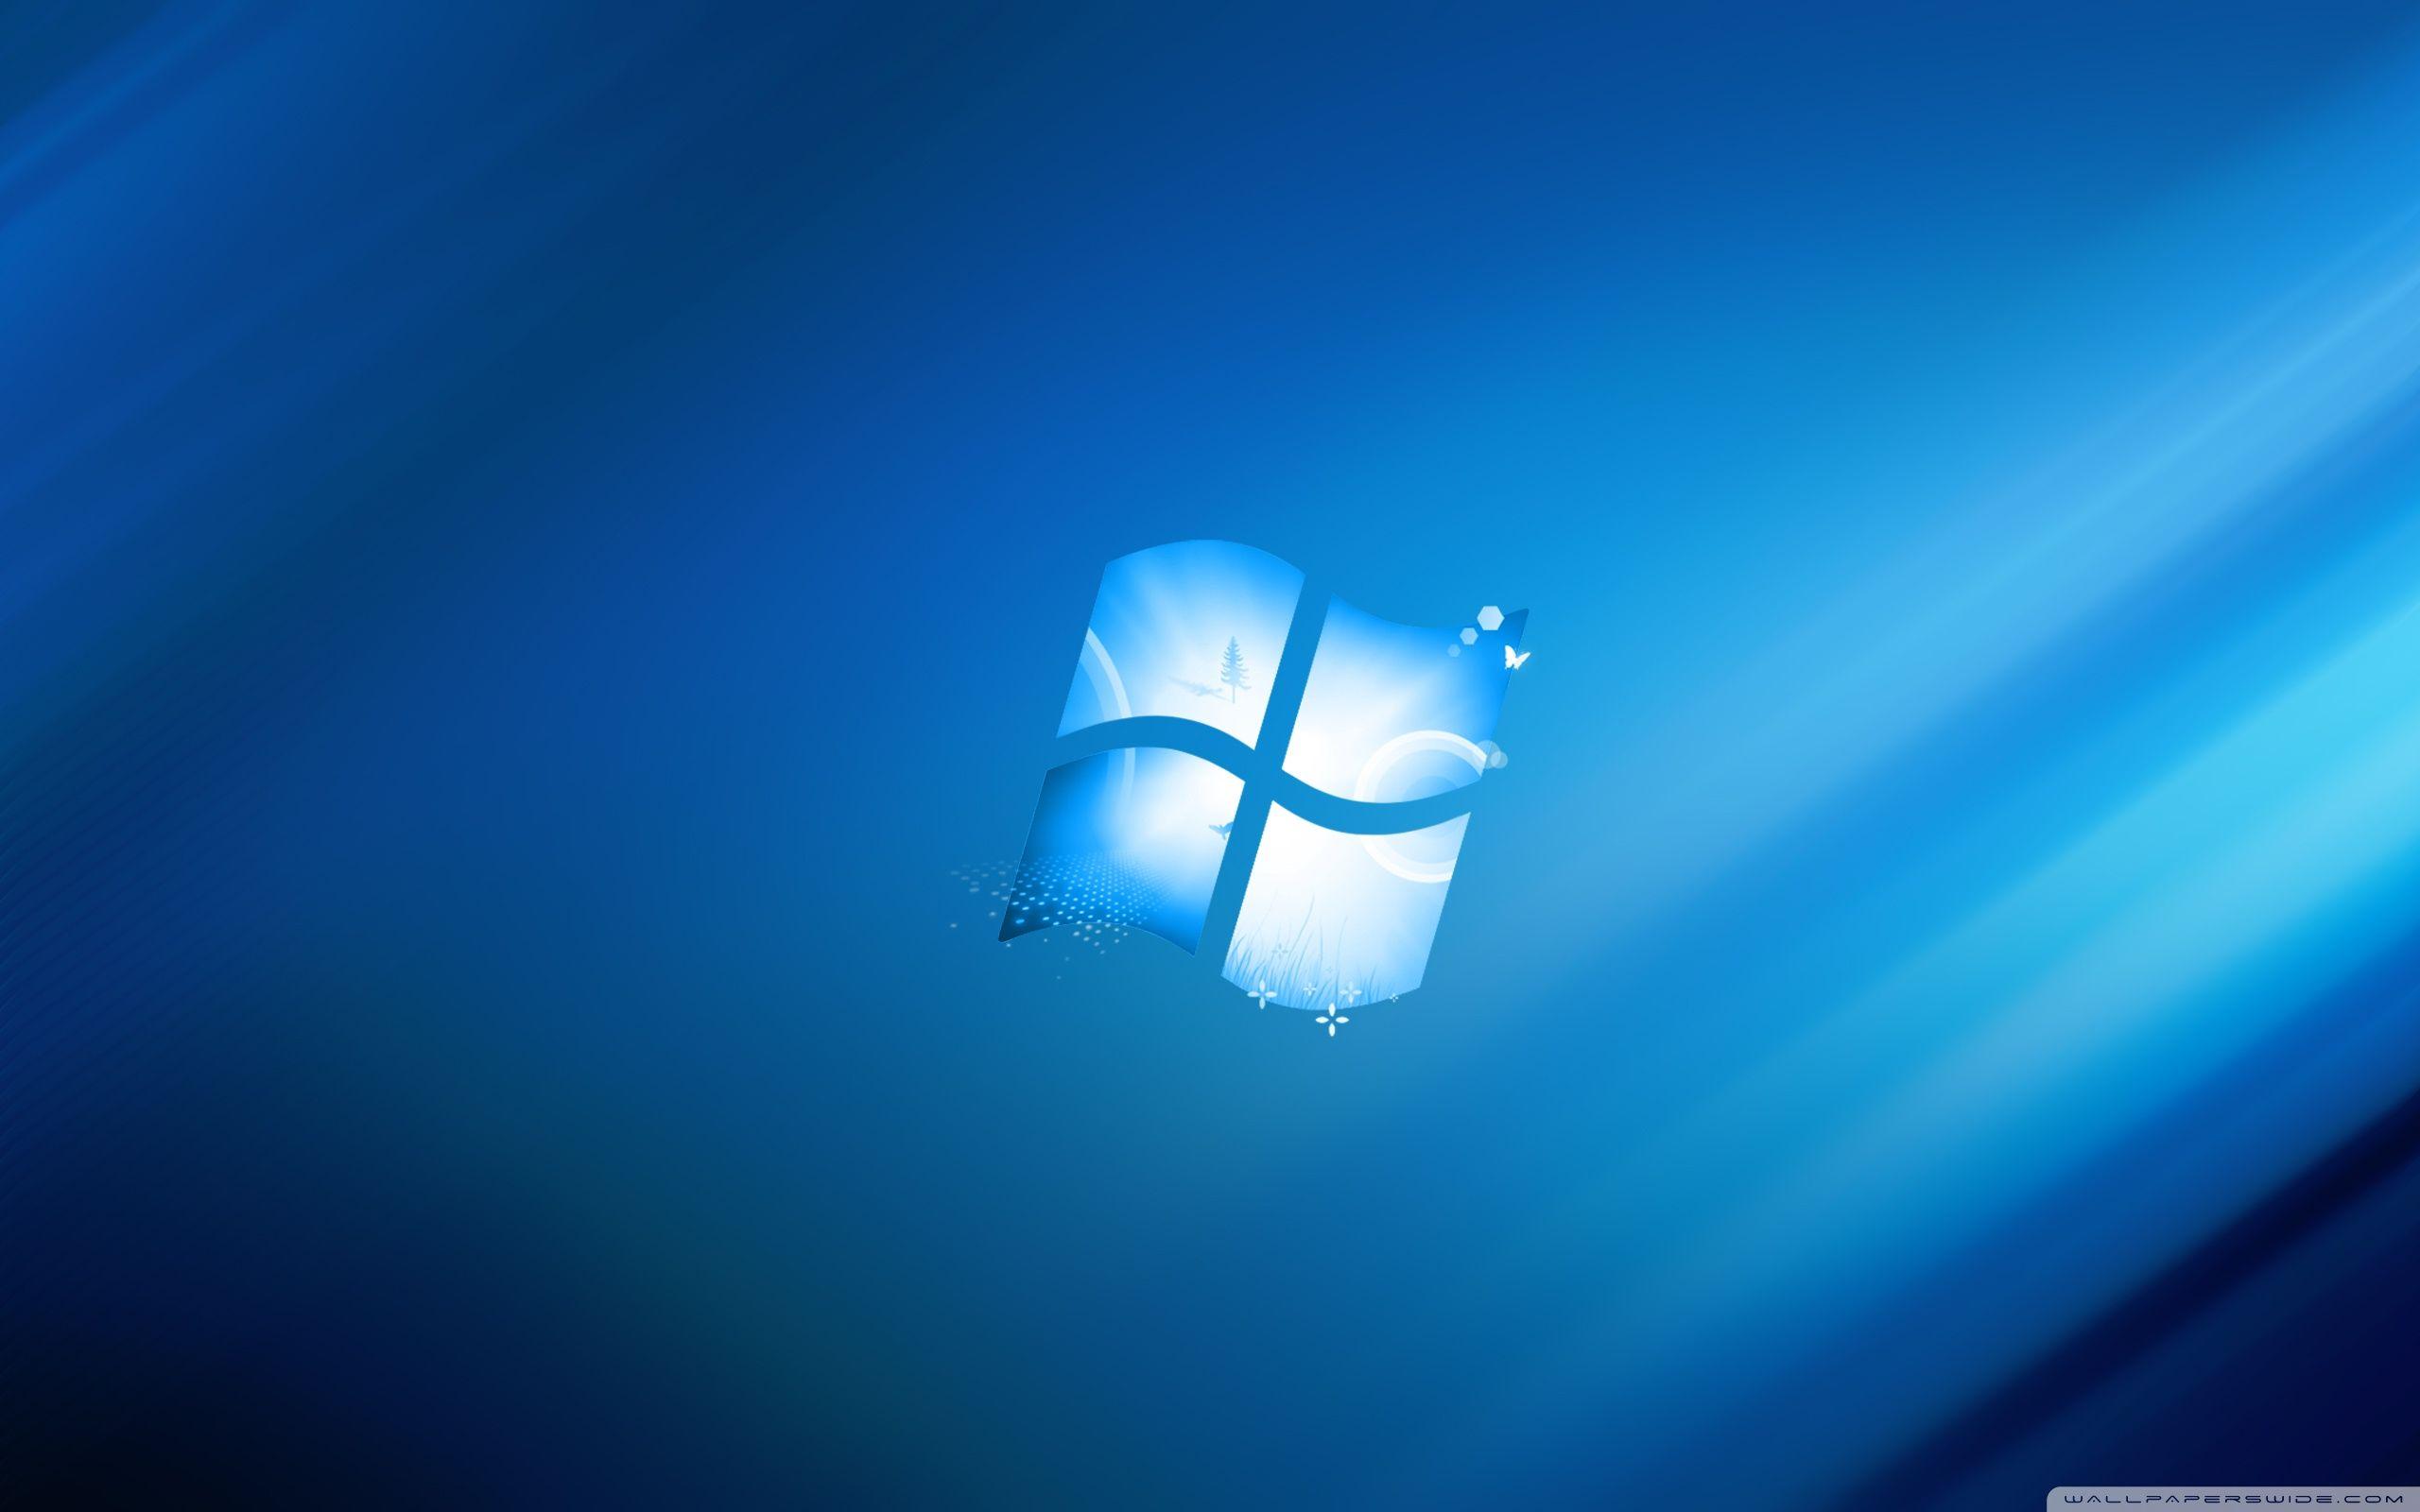 Desktop Backgrounds Hd For Windows Hd Wallpaper Desktop Computer Wallpaper Hd Windows Desktop Wallpaper